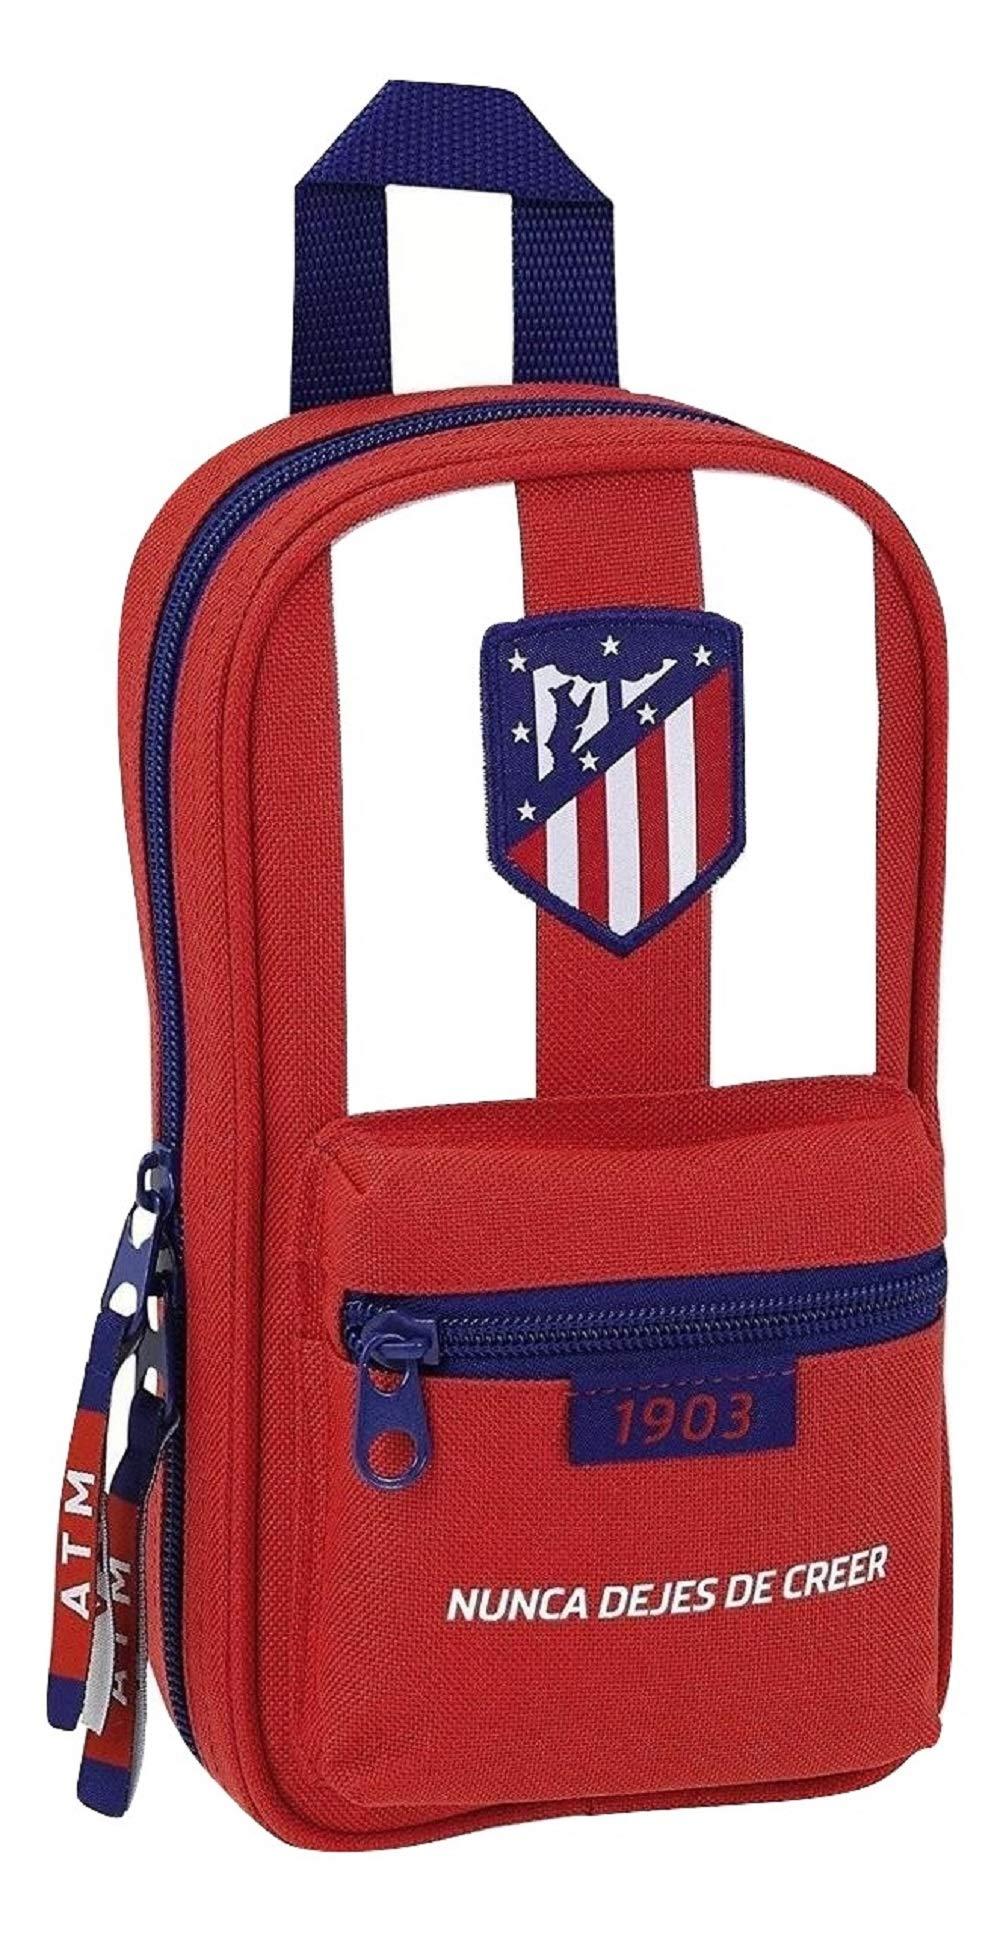 Atletico De Madrid – Plumier mochila con 4 portatodos llenos de atletico de madrid (Safta 411758747)